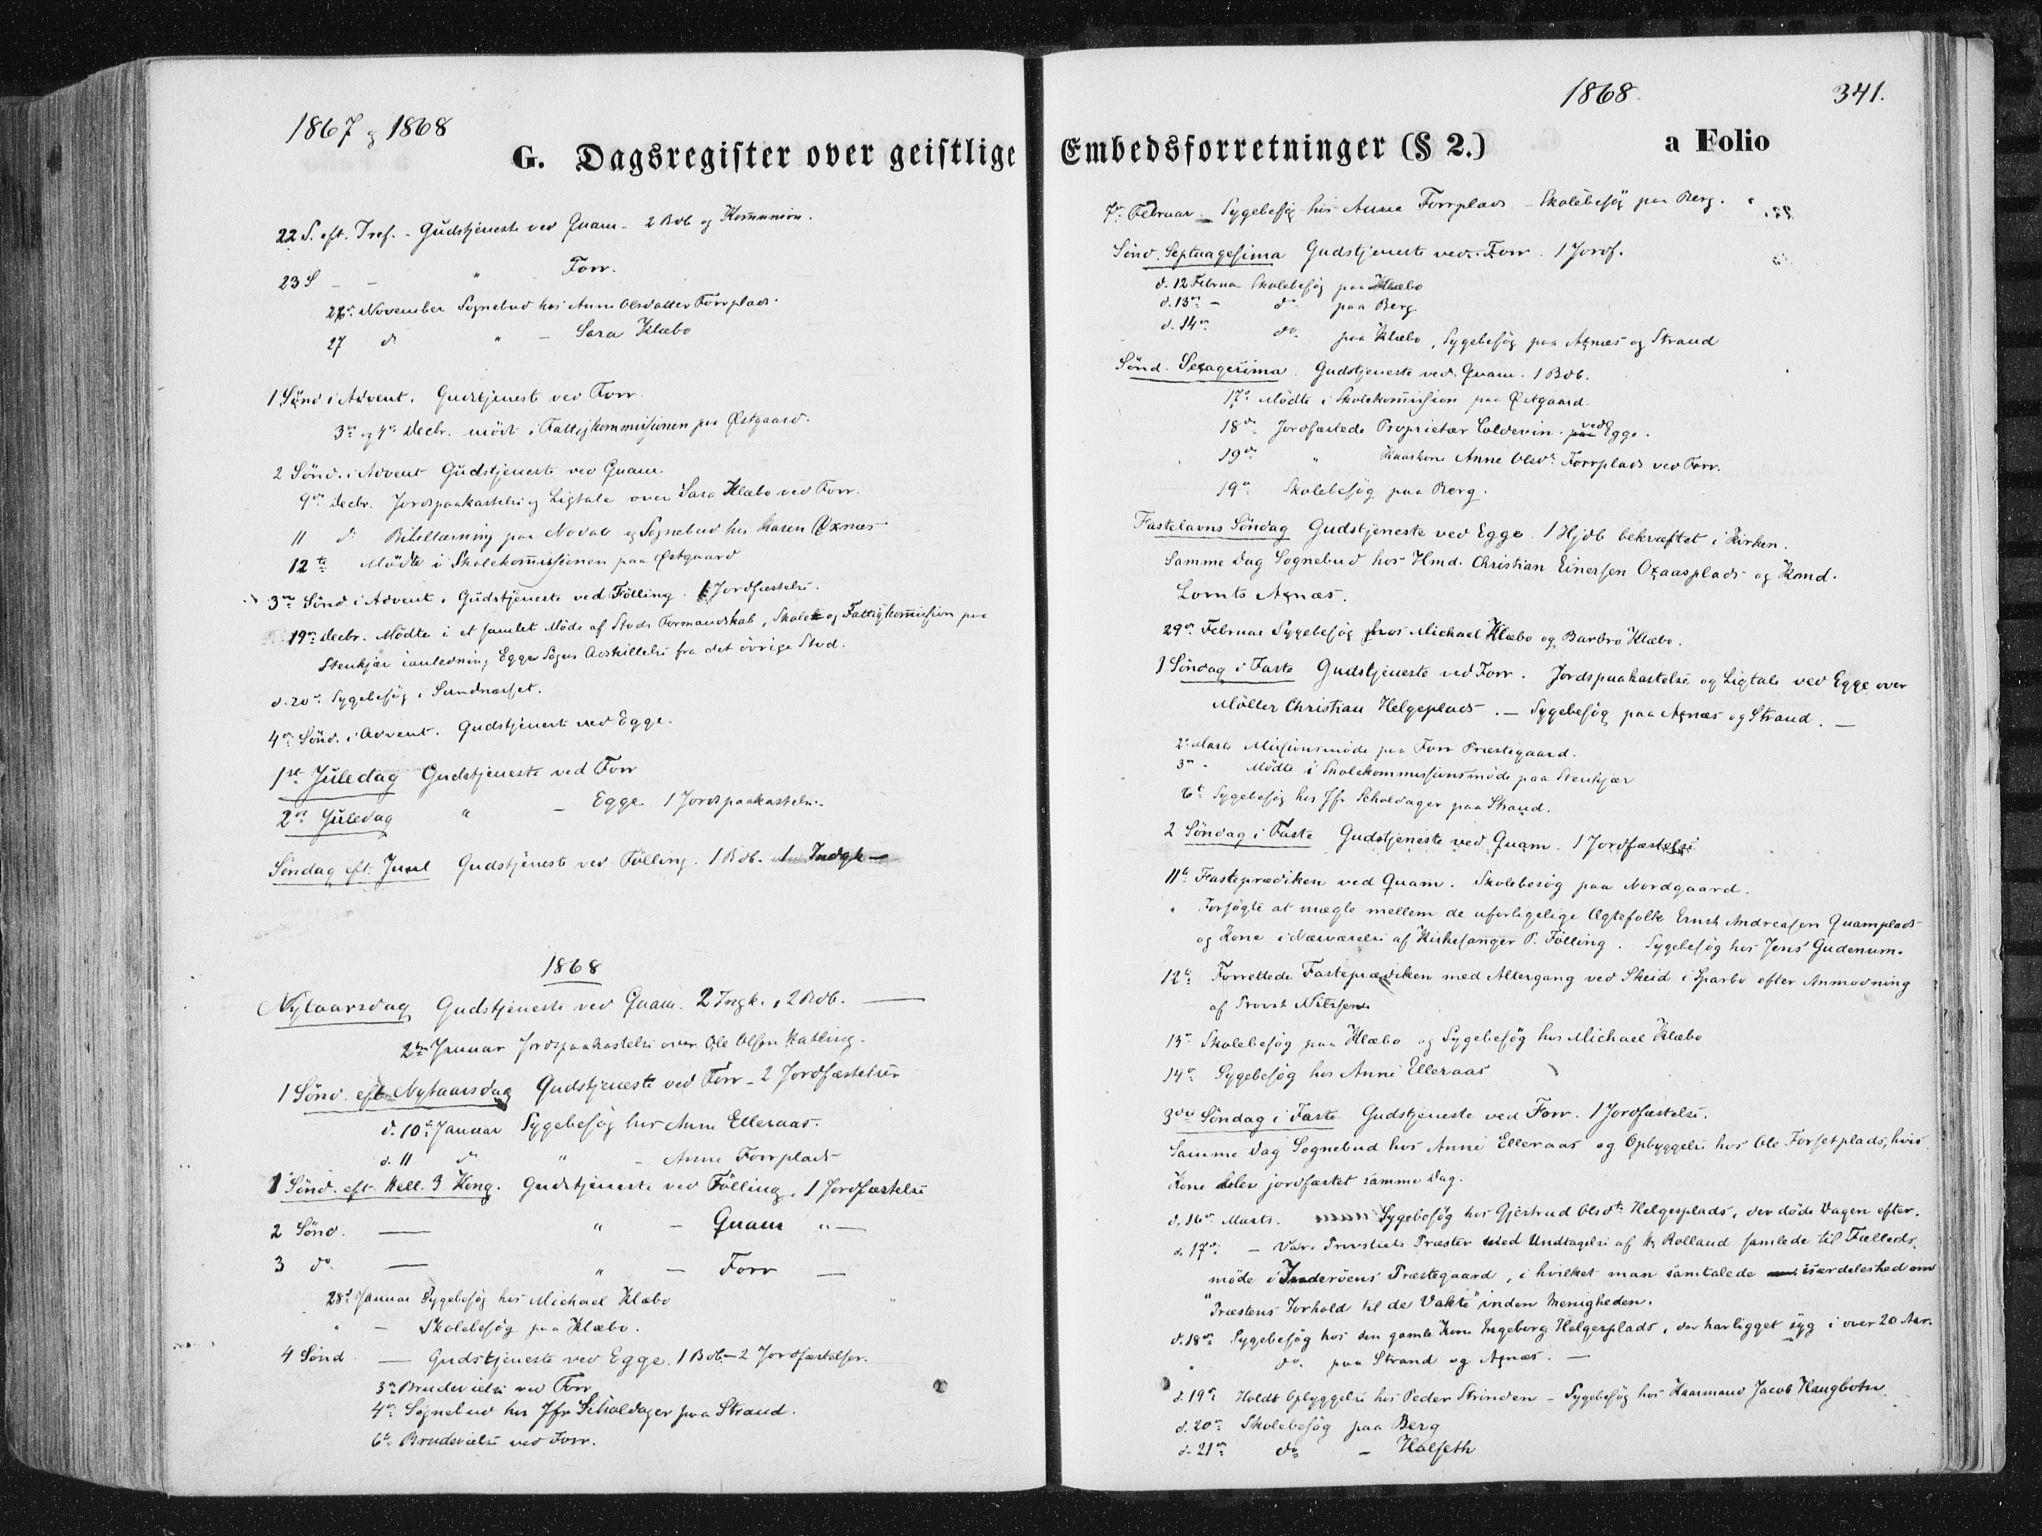 SAT, Ministerialprotokoller, klokkerbøker og fødselsregistre - Nord-Trøndelag, 746/L0447: Ministerialbok nr. 746A06, 1860-1877, s. 341